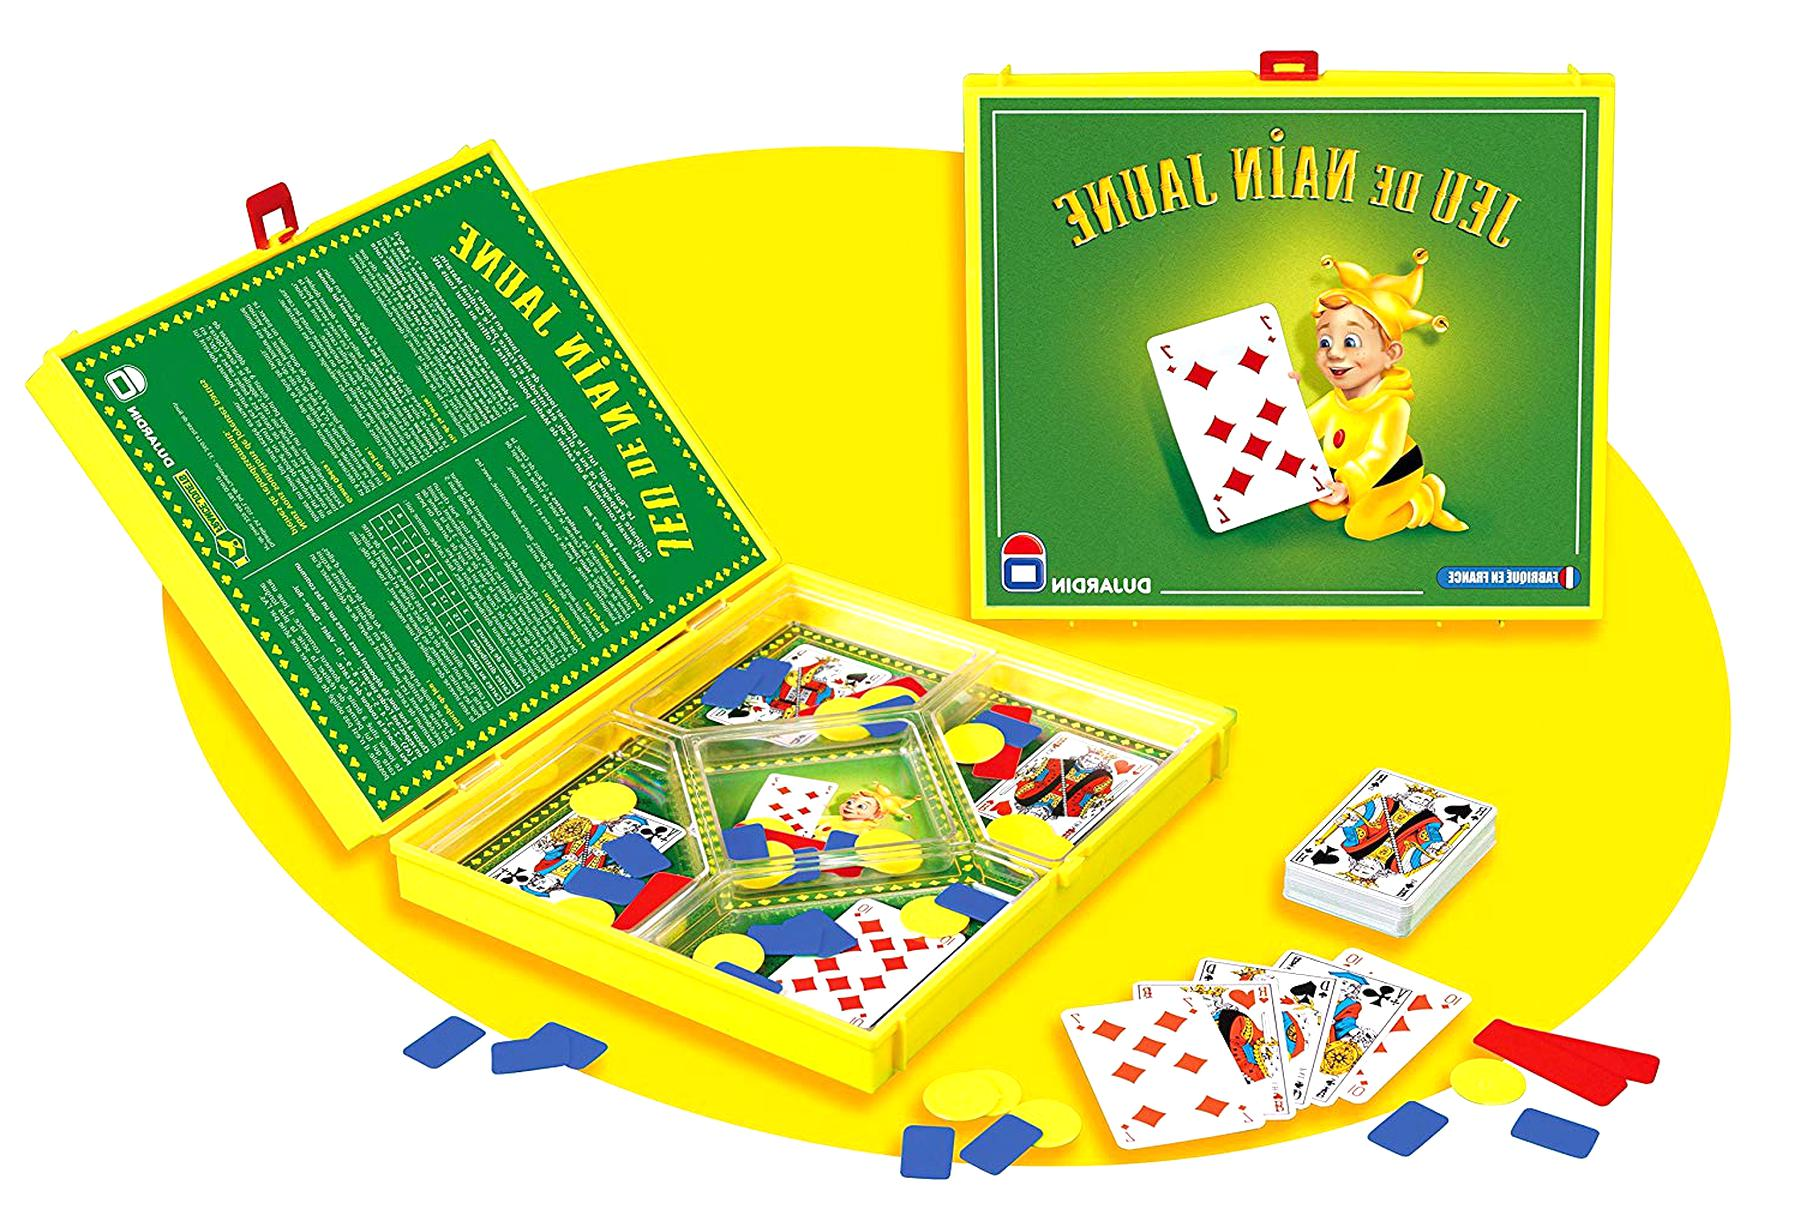 Le jeu du nain jaune : les règles | MOMES.net